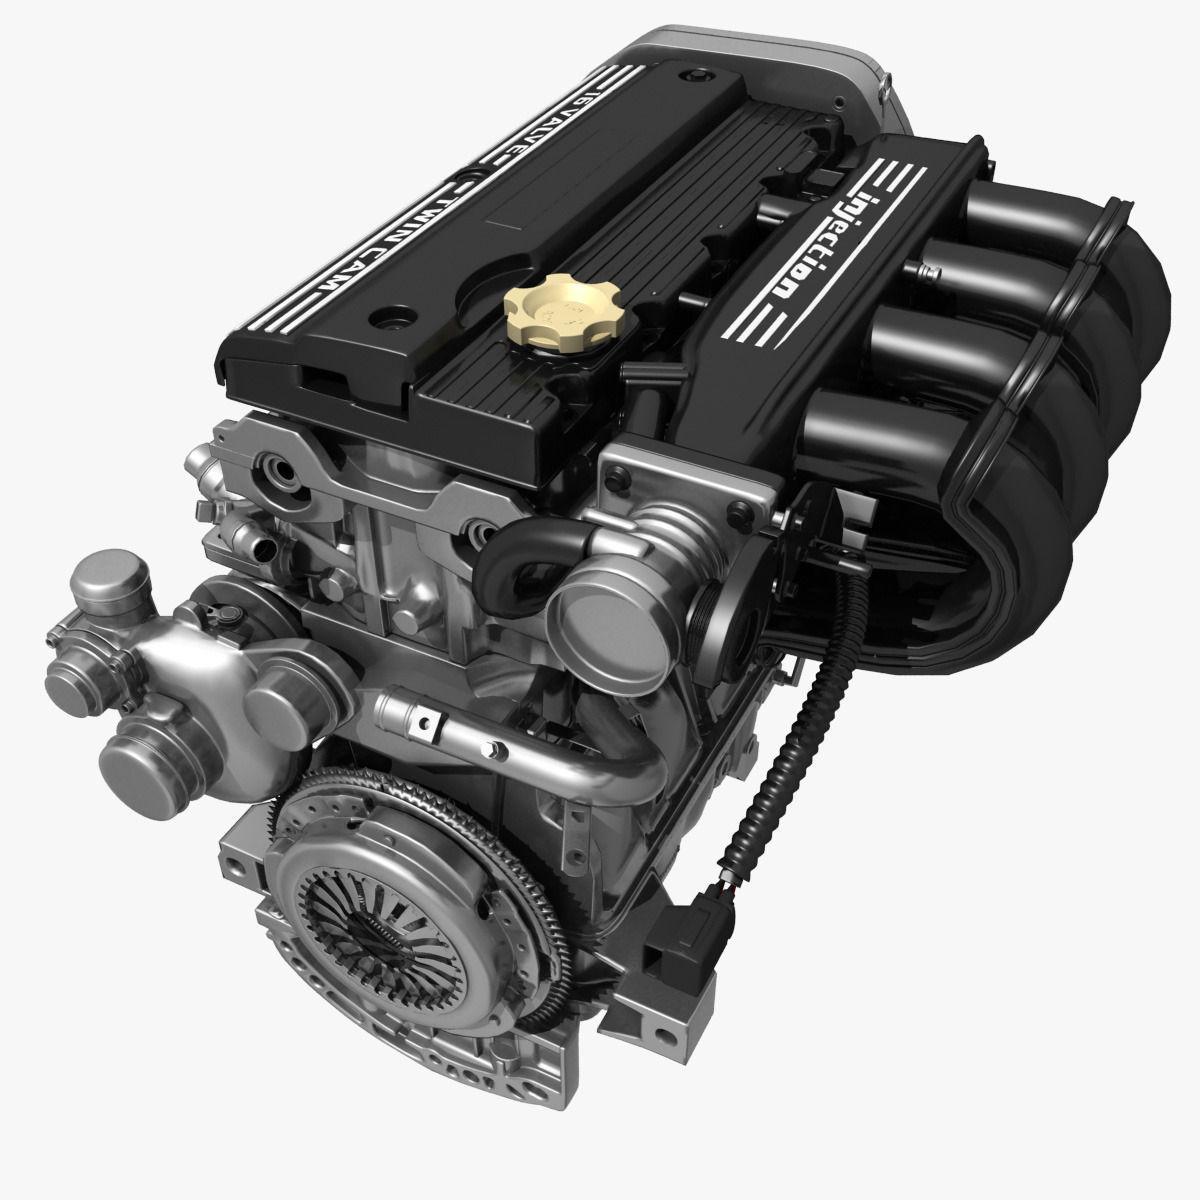 Car 4 Cylinder Engine 02 Model